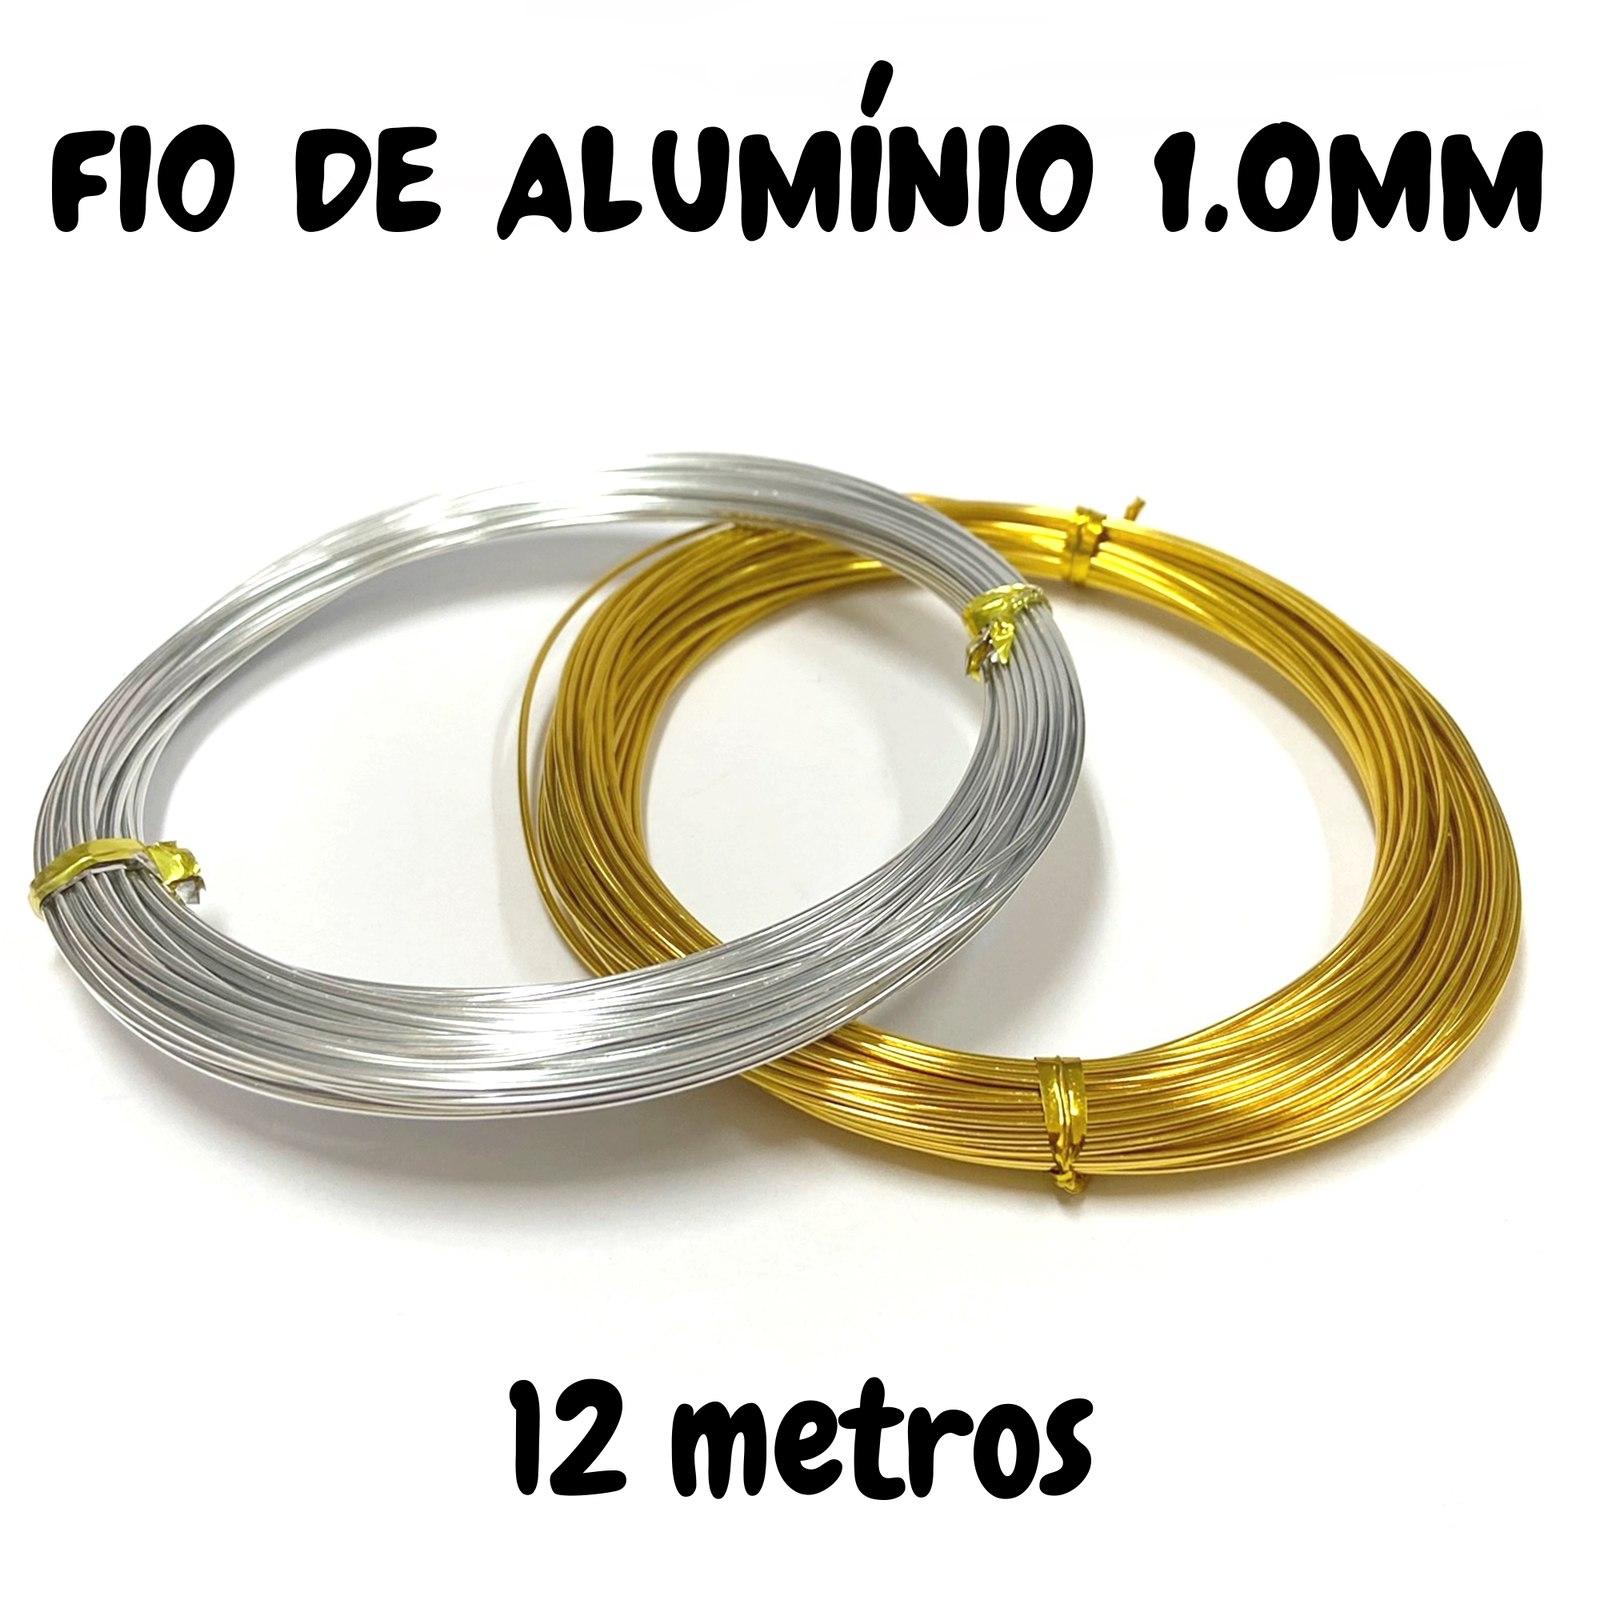 Fio de Alumínio 1mm - 12 metros